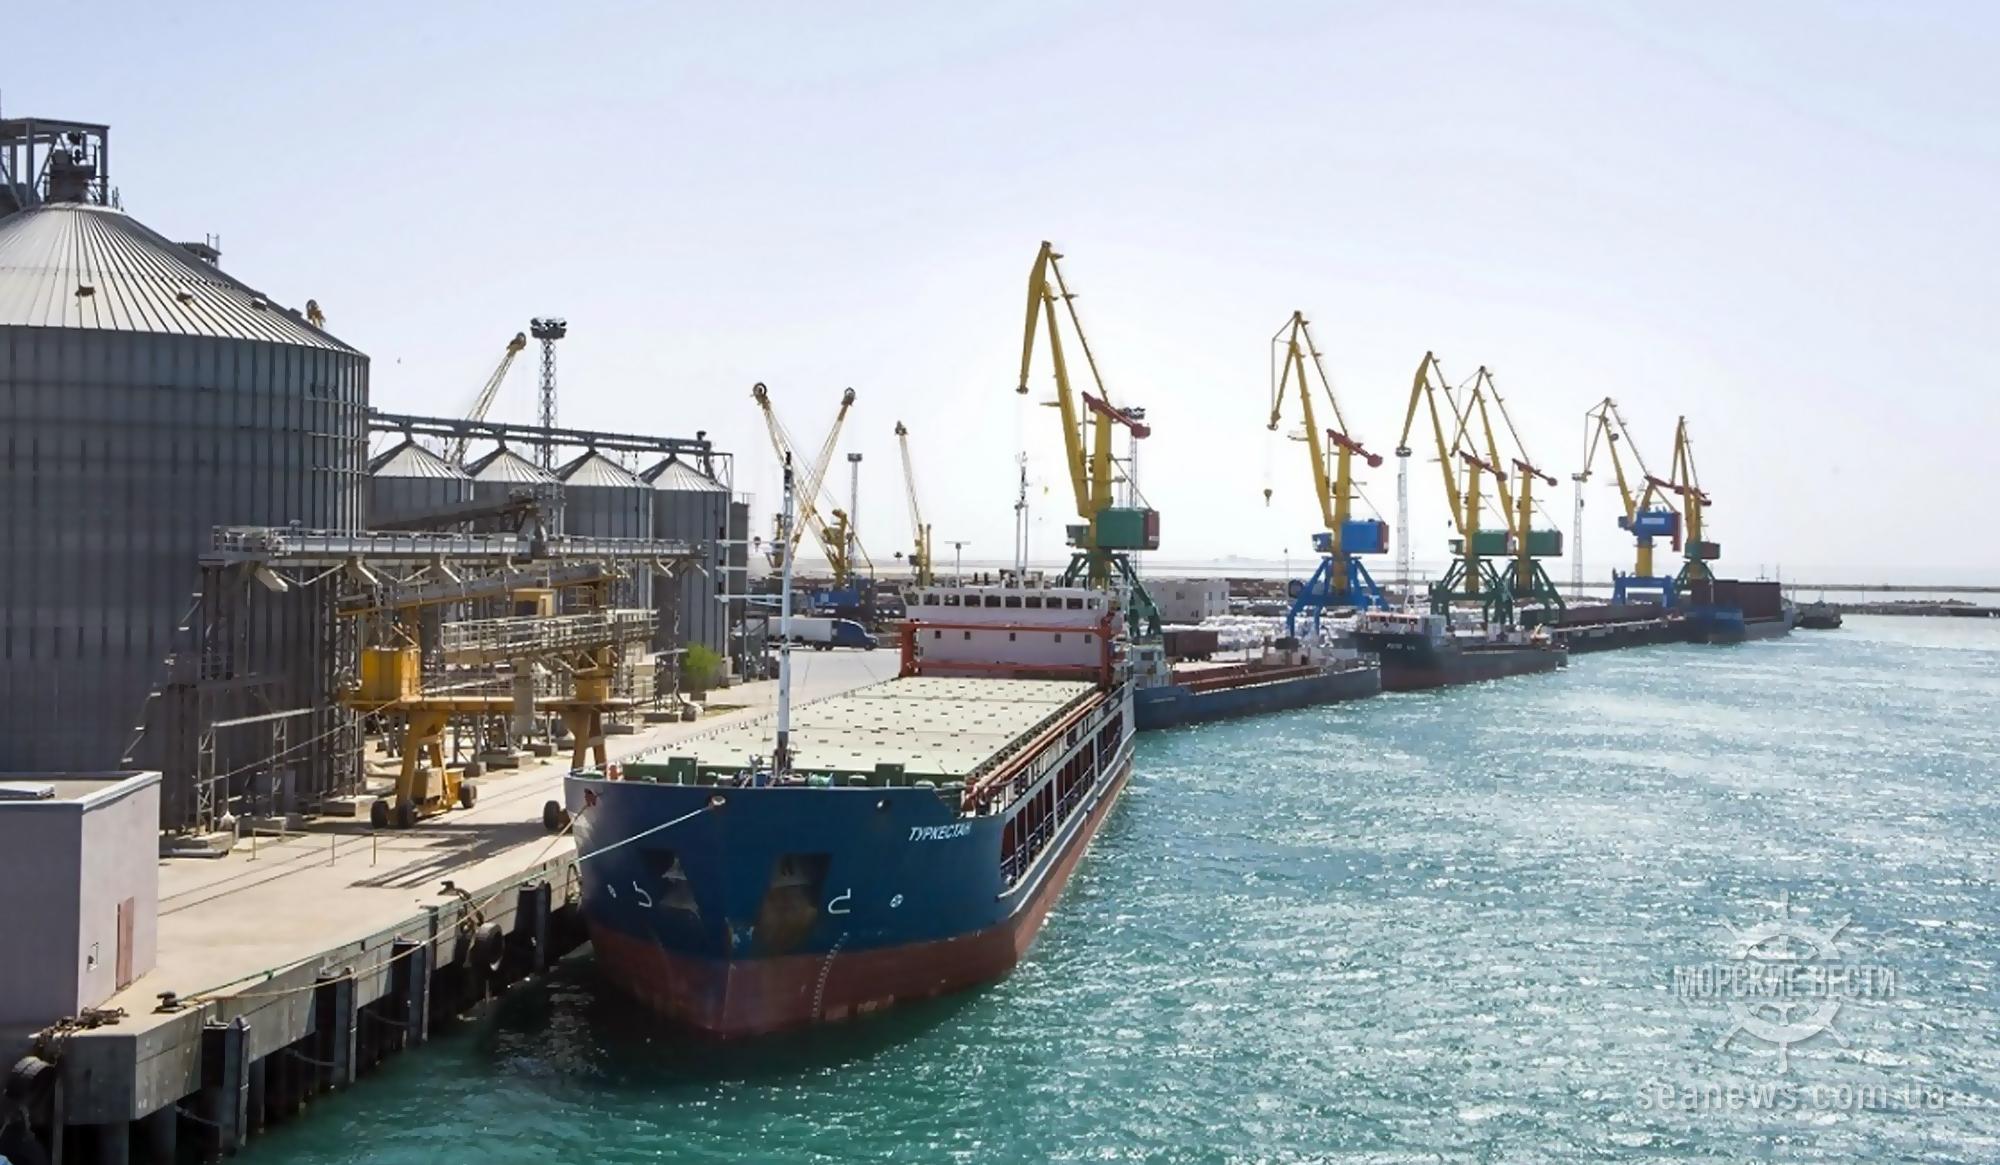 Мариупольский порт отправит в Испанию партию подсолнечного масла